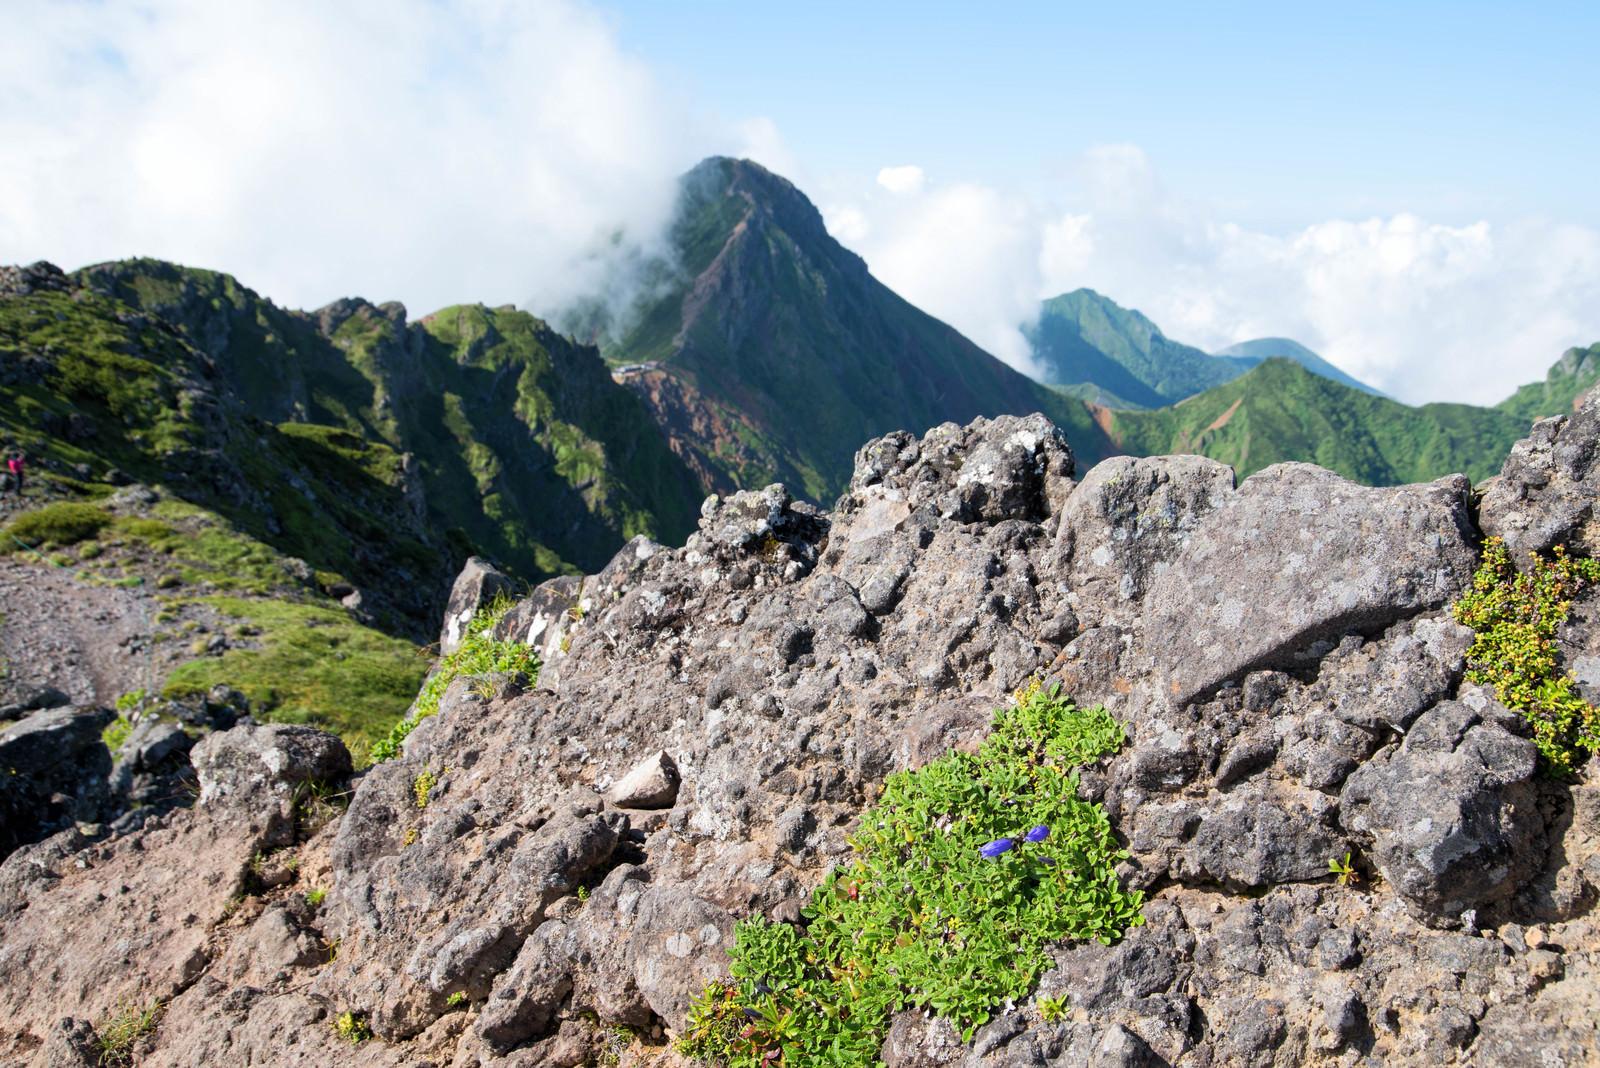 「横岳の岩場に咲く高山植物」の写真